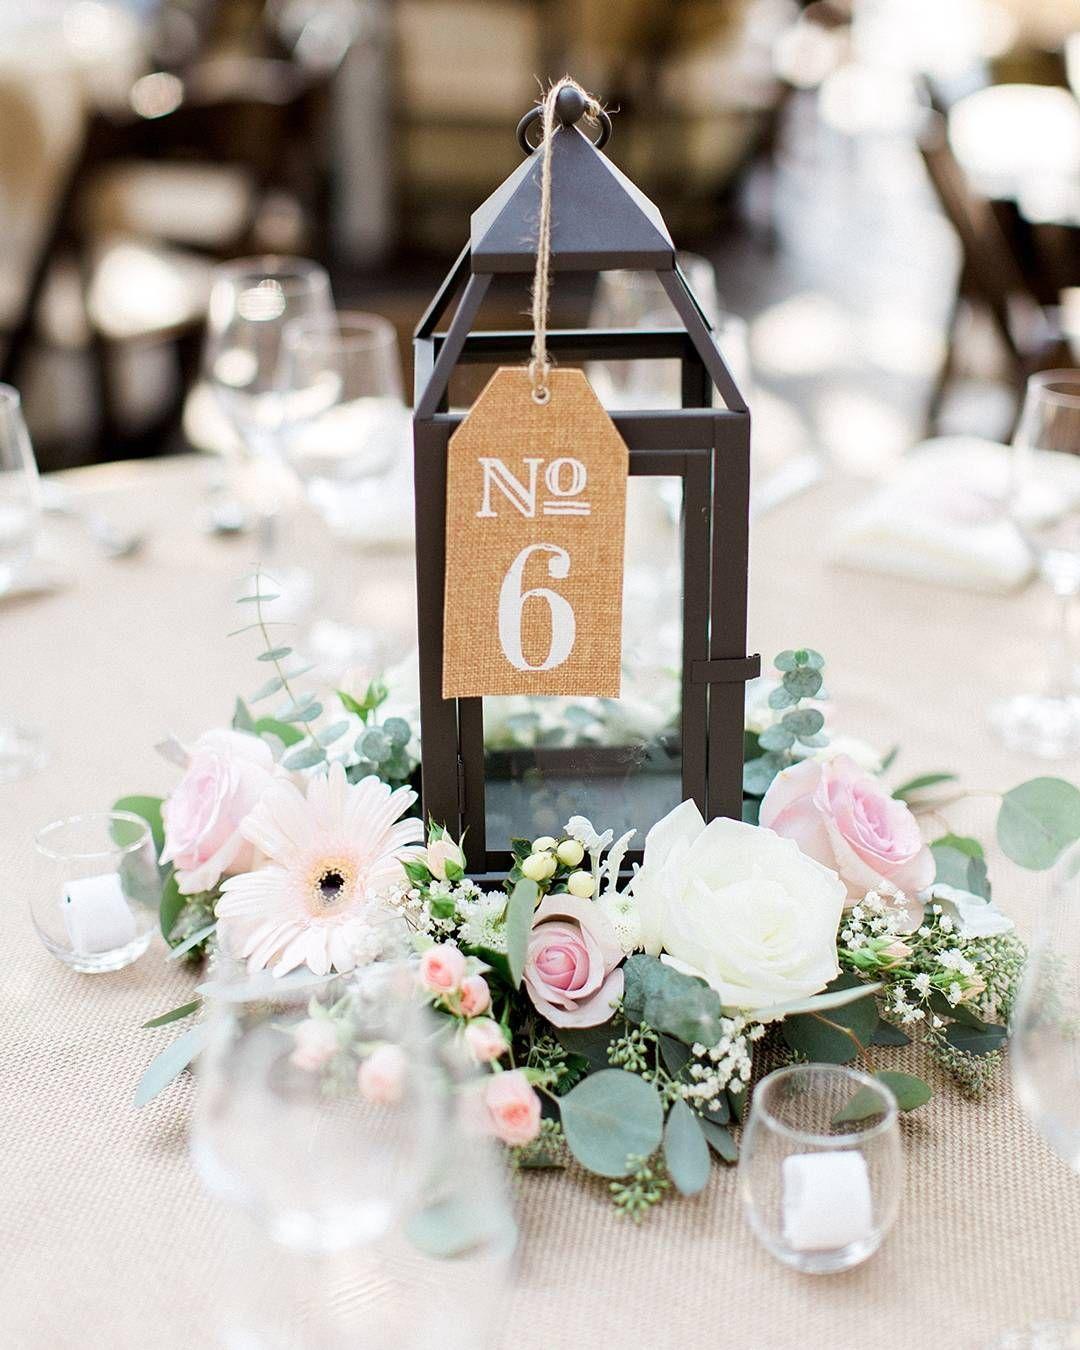 Печать нумерации столов для свадьбы в Москве | фото 2